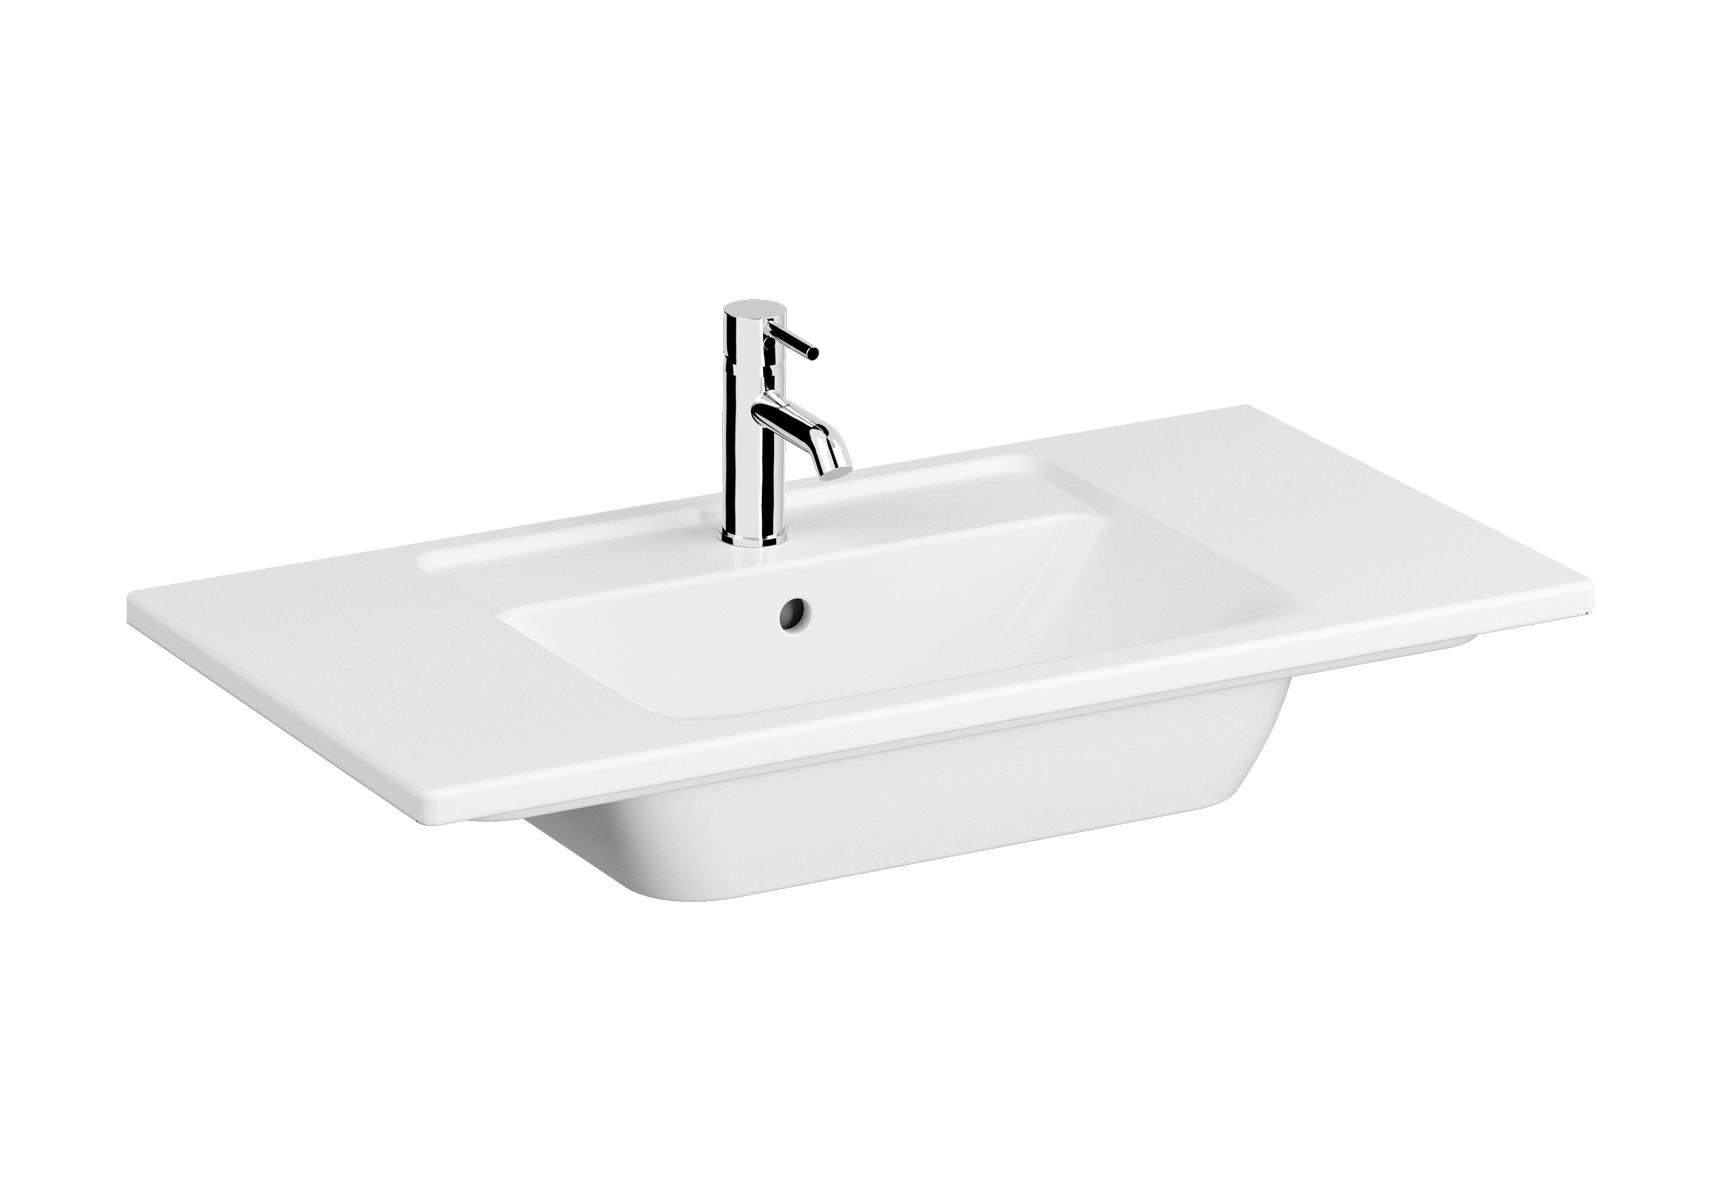 Integra plan céramique, 90 cm, avec trou de robinet, avec trop-plein